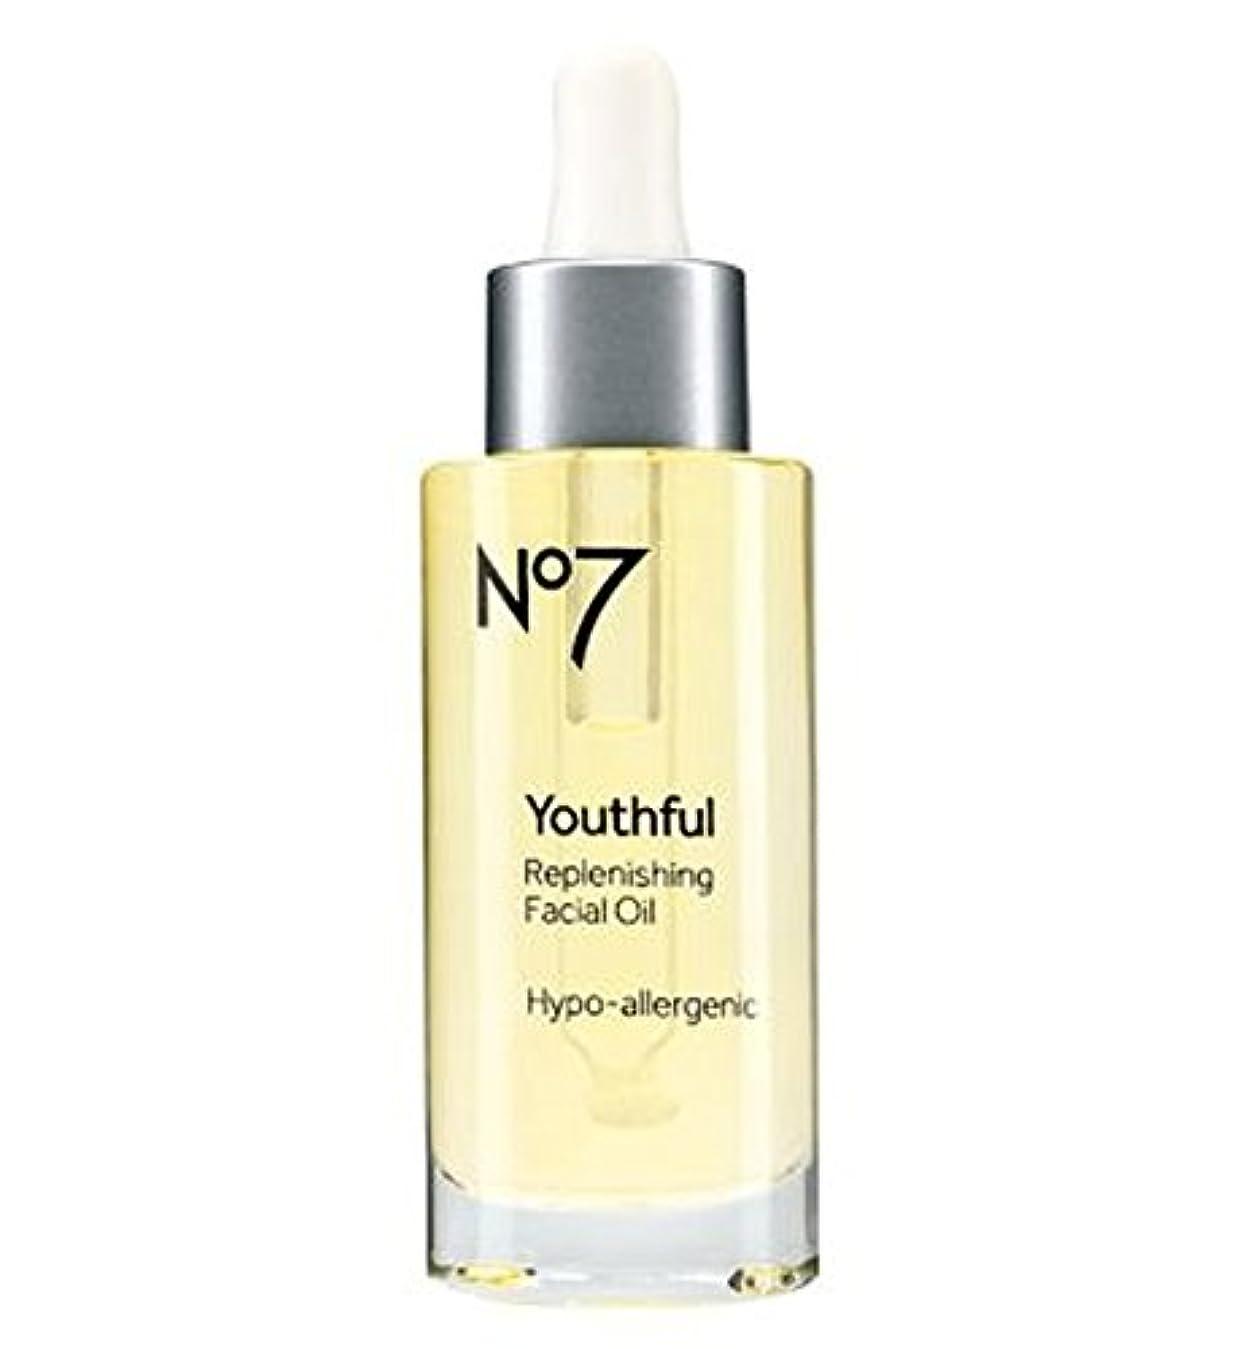 肌小競り合いお気に入りNo7 Youthful Replenishing Facial Oil 30ml - No7若々しい補給フェイシャルオイル30ミリリットル (No7) [並行輸入品]